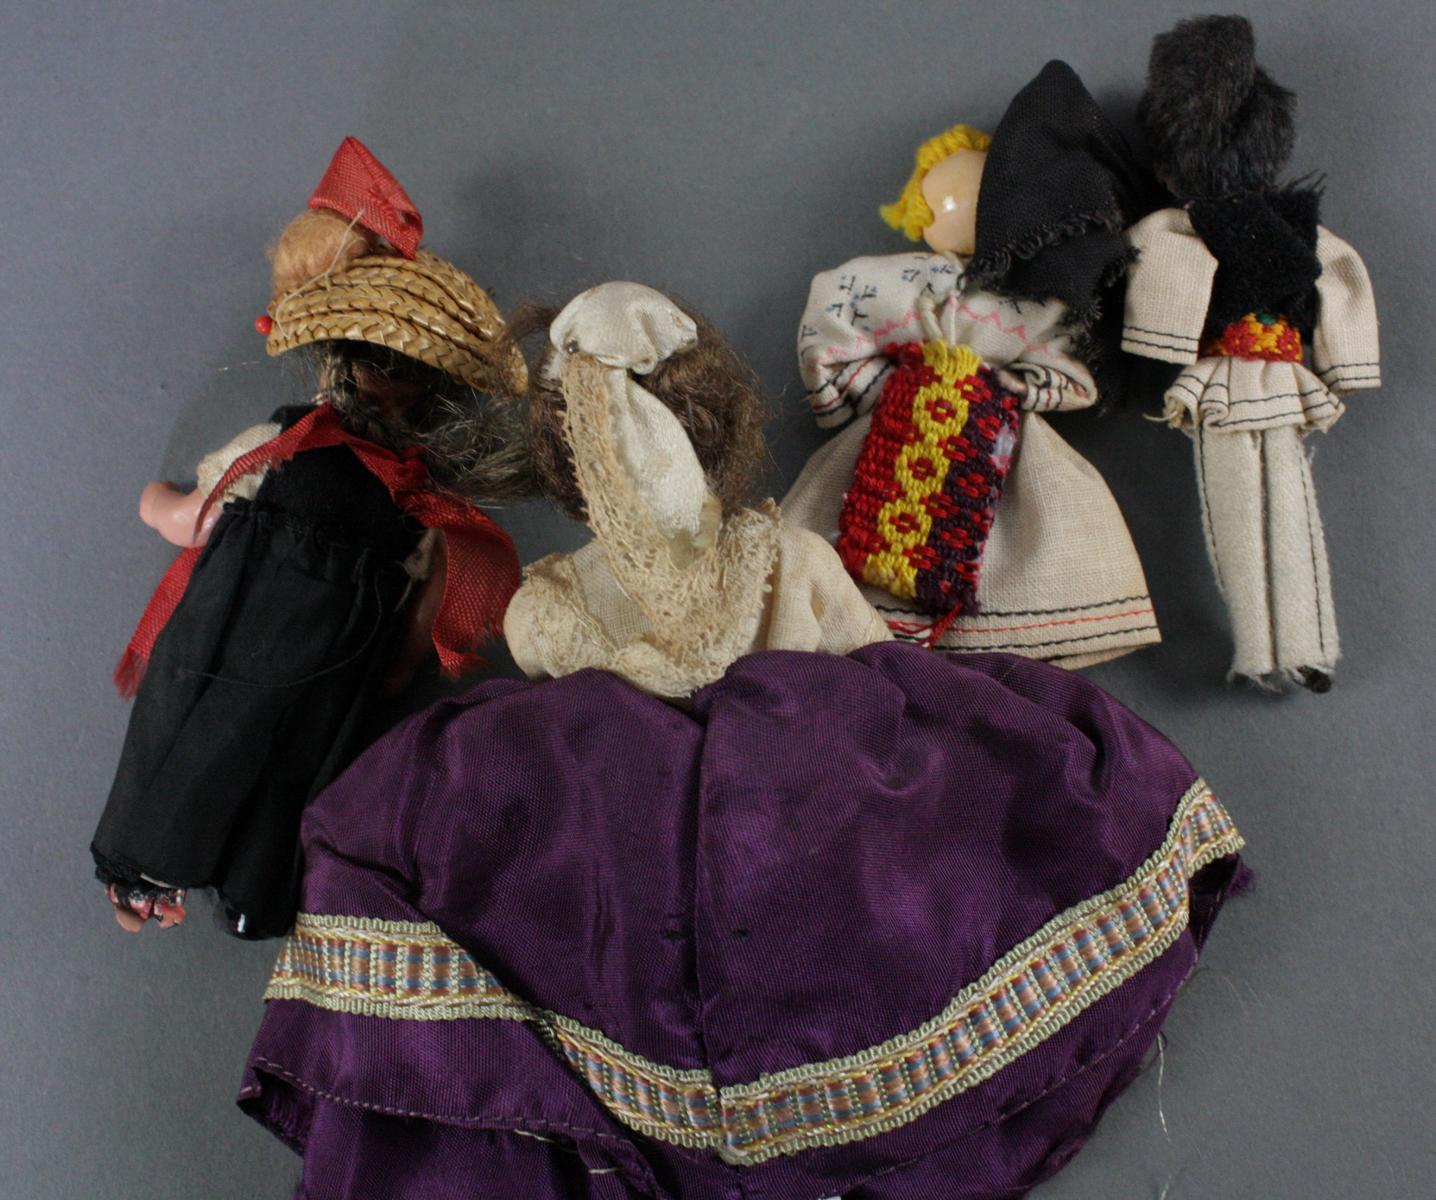 12 sehr alte Puppen, 1. Hälfte 20. Jahrhundert oder älter-13